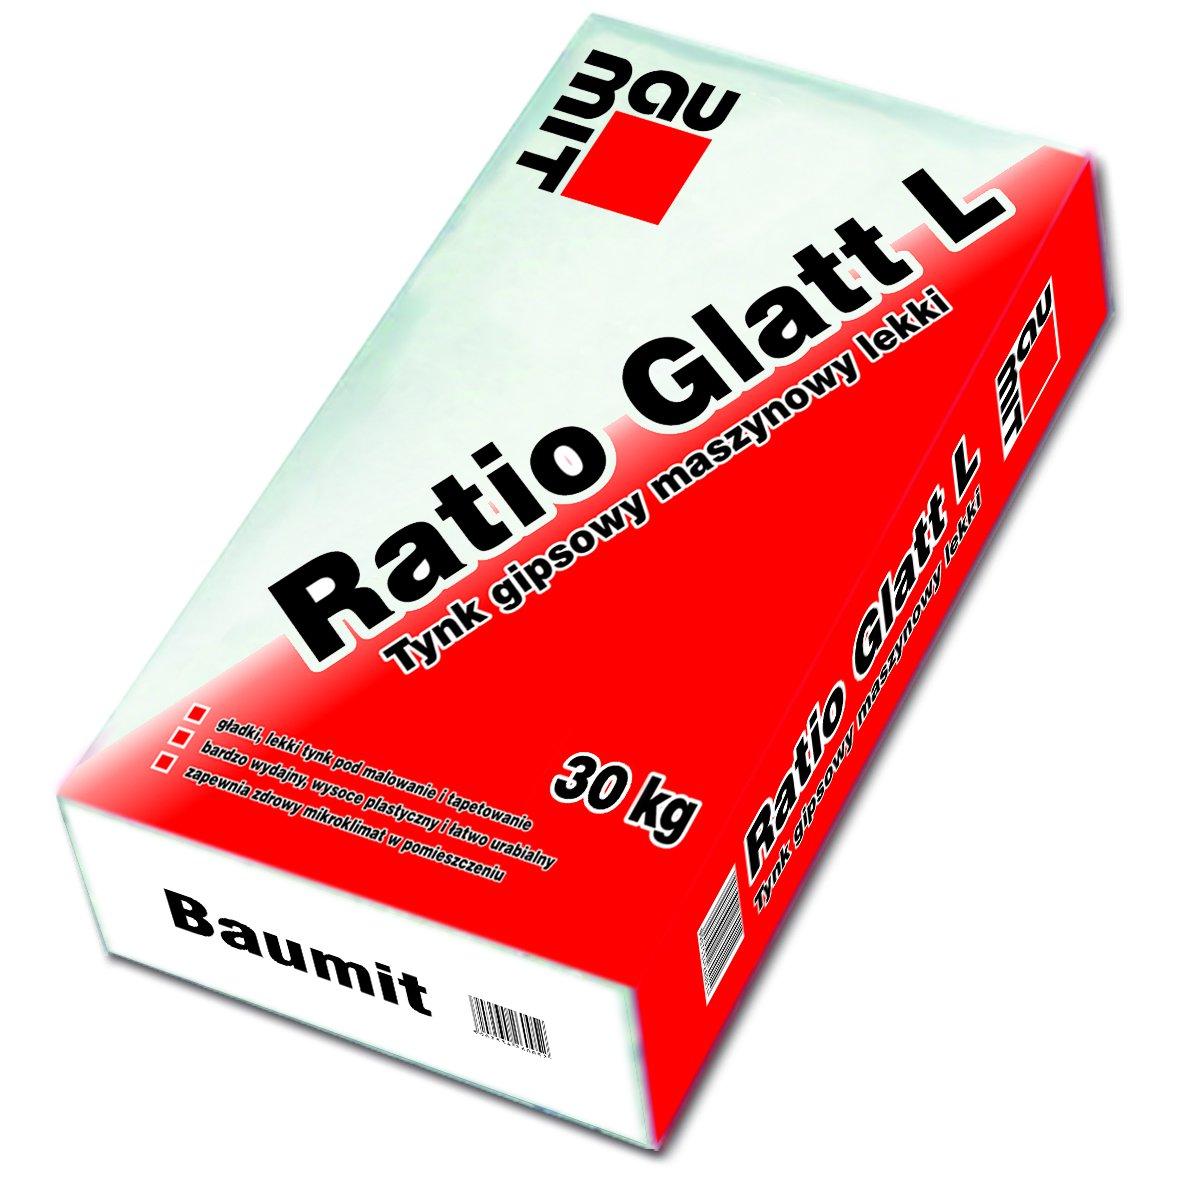 Tynk gipsowy Baumit Ratio Glatt L – 30 kg